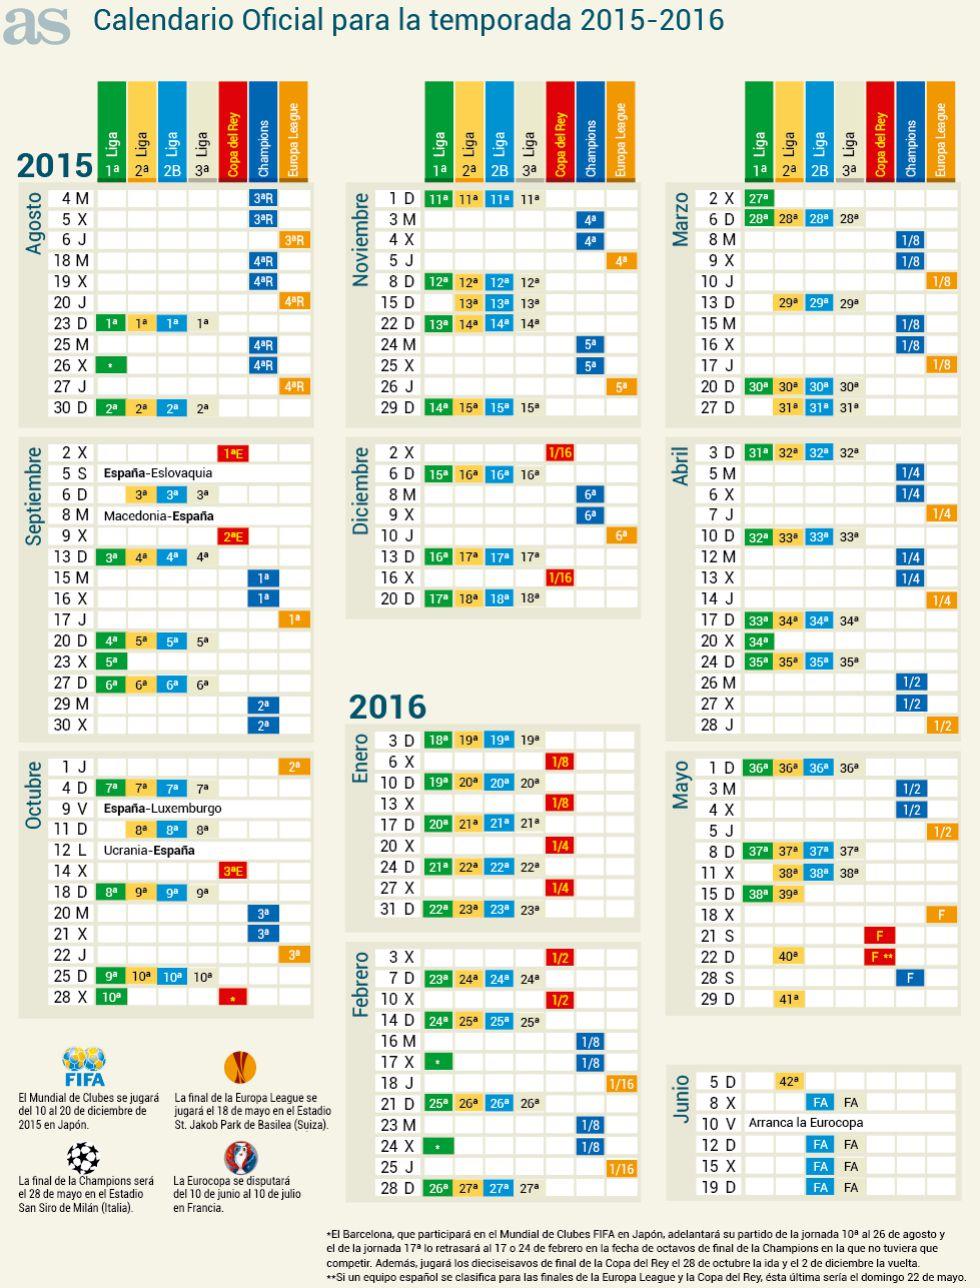 La Copa Mundial de Futsal tiene su calendario de partidos FIFA.com